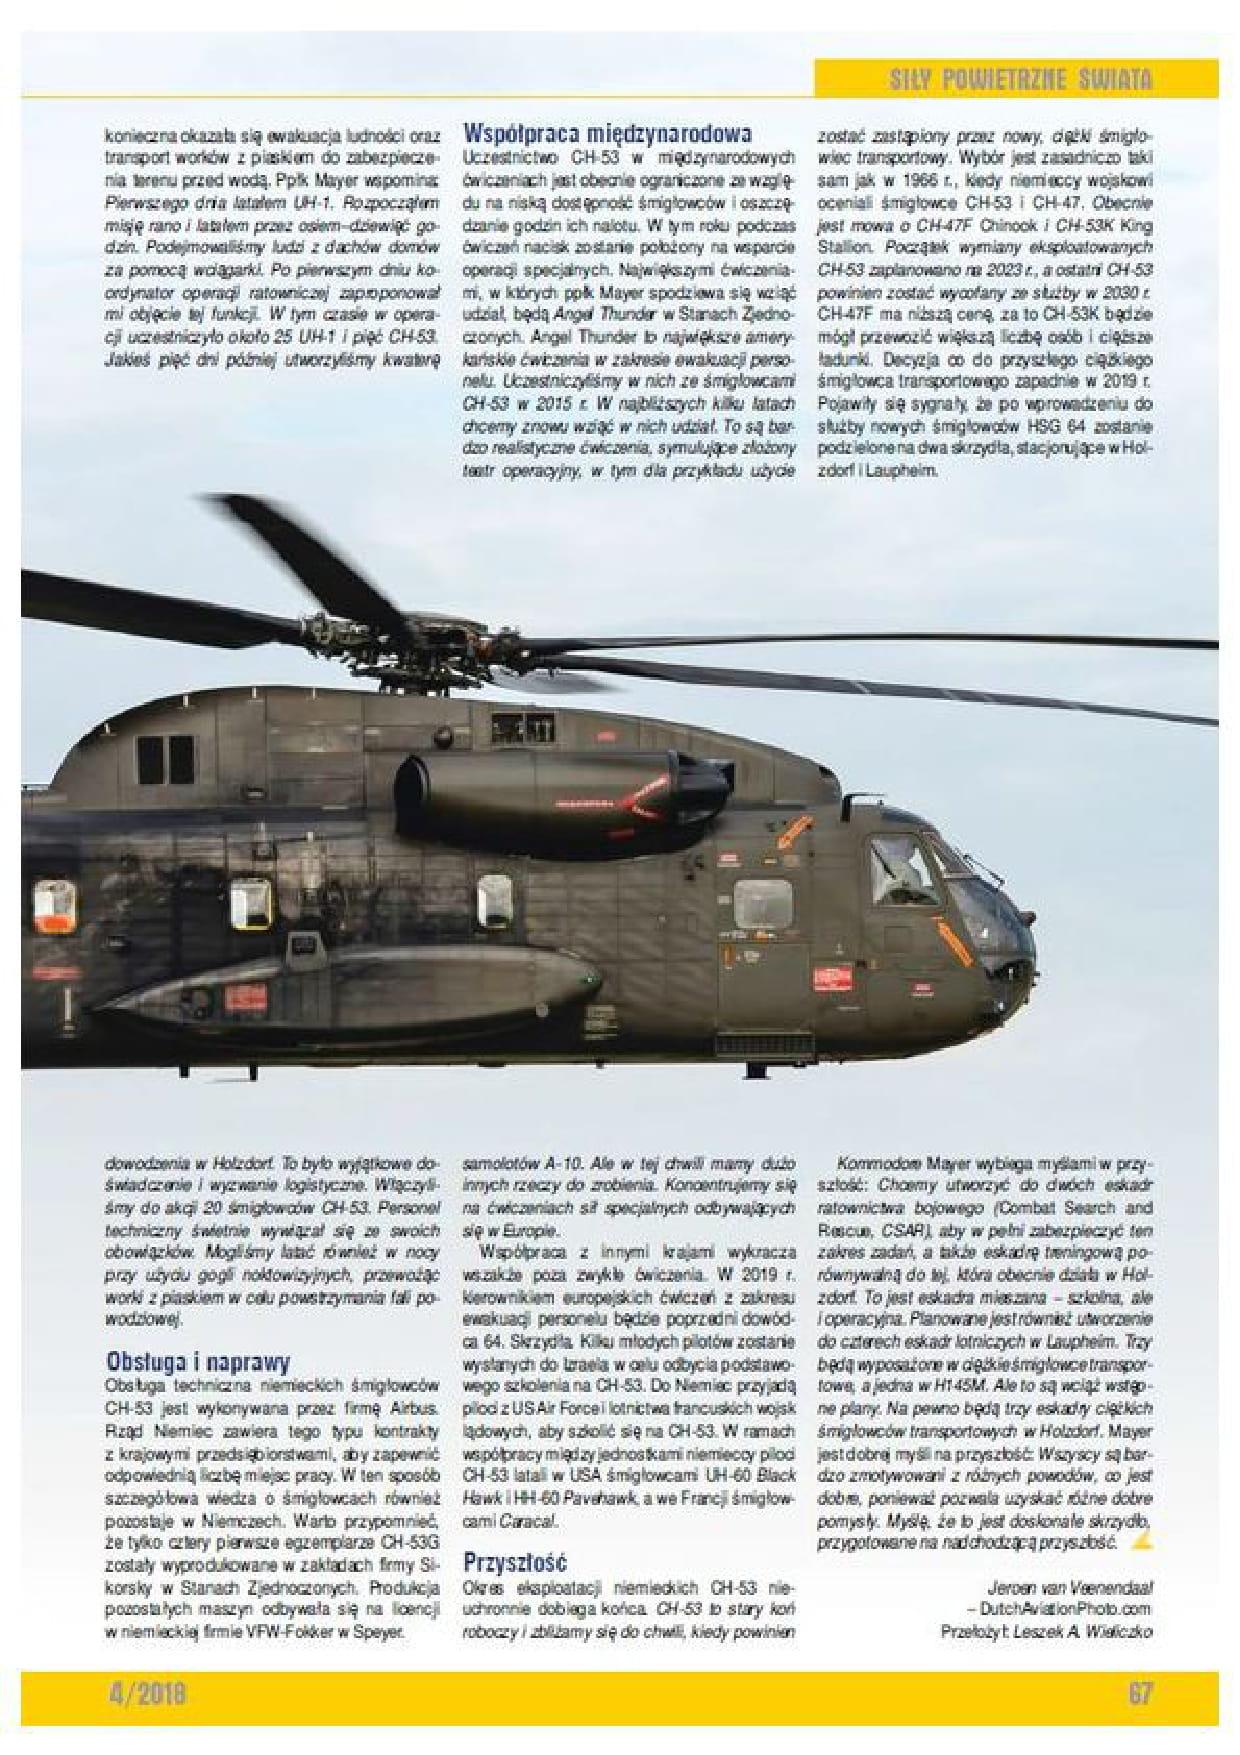 Lotnictwo (Poland)_CH-53 Laupheim (1)-4